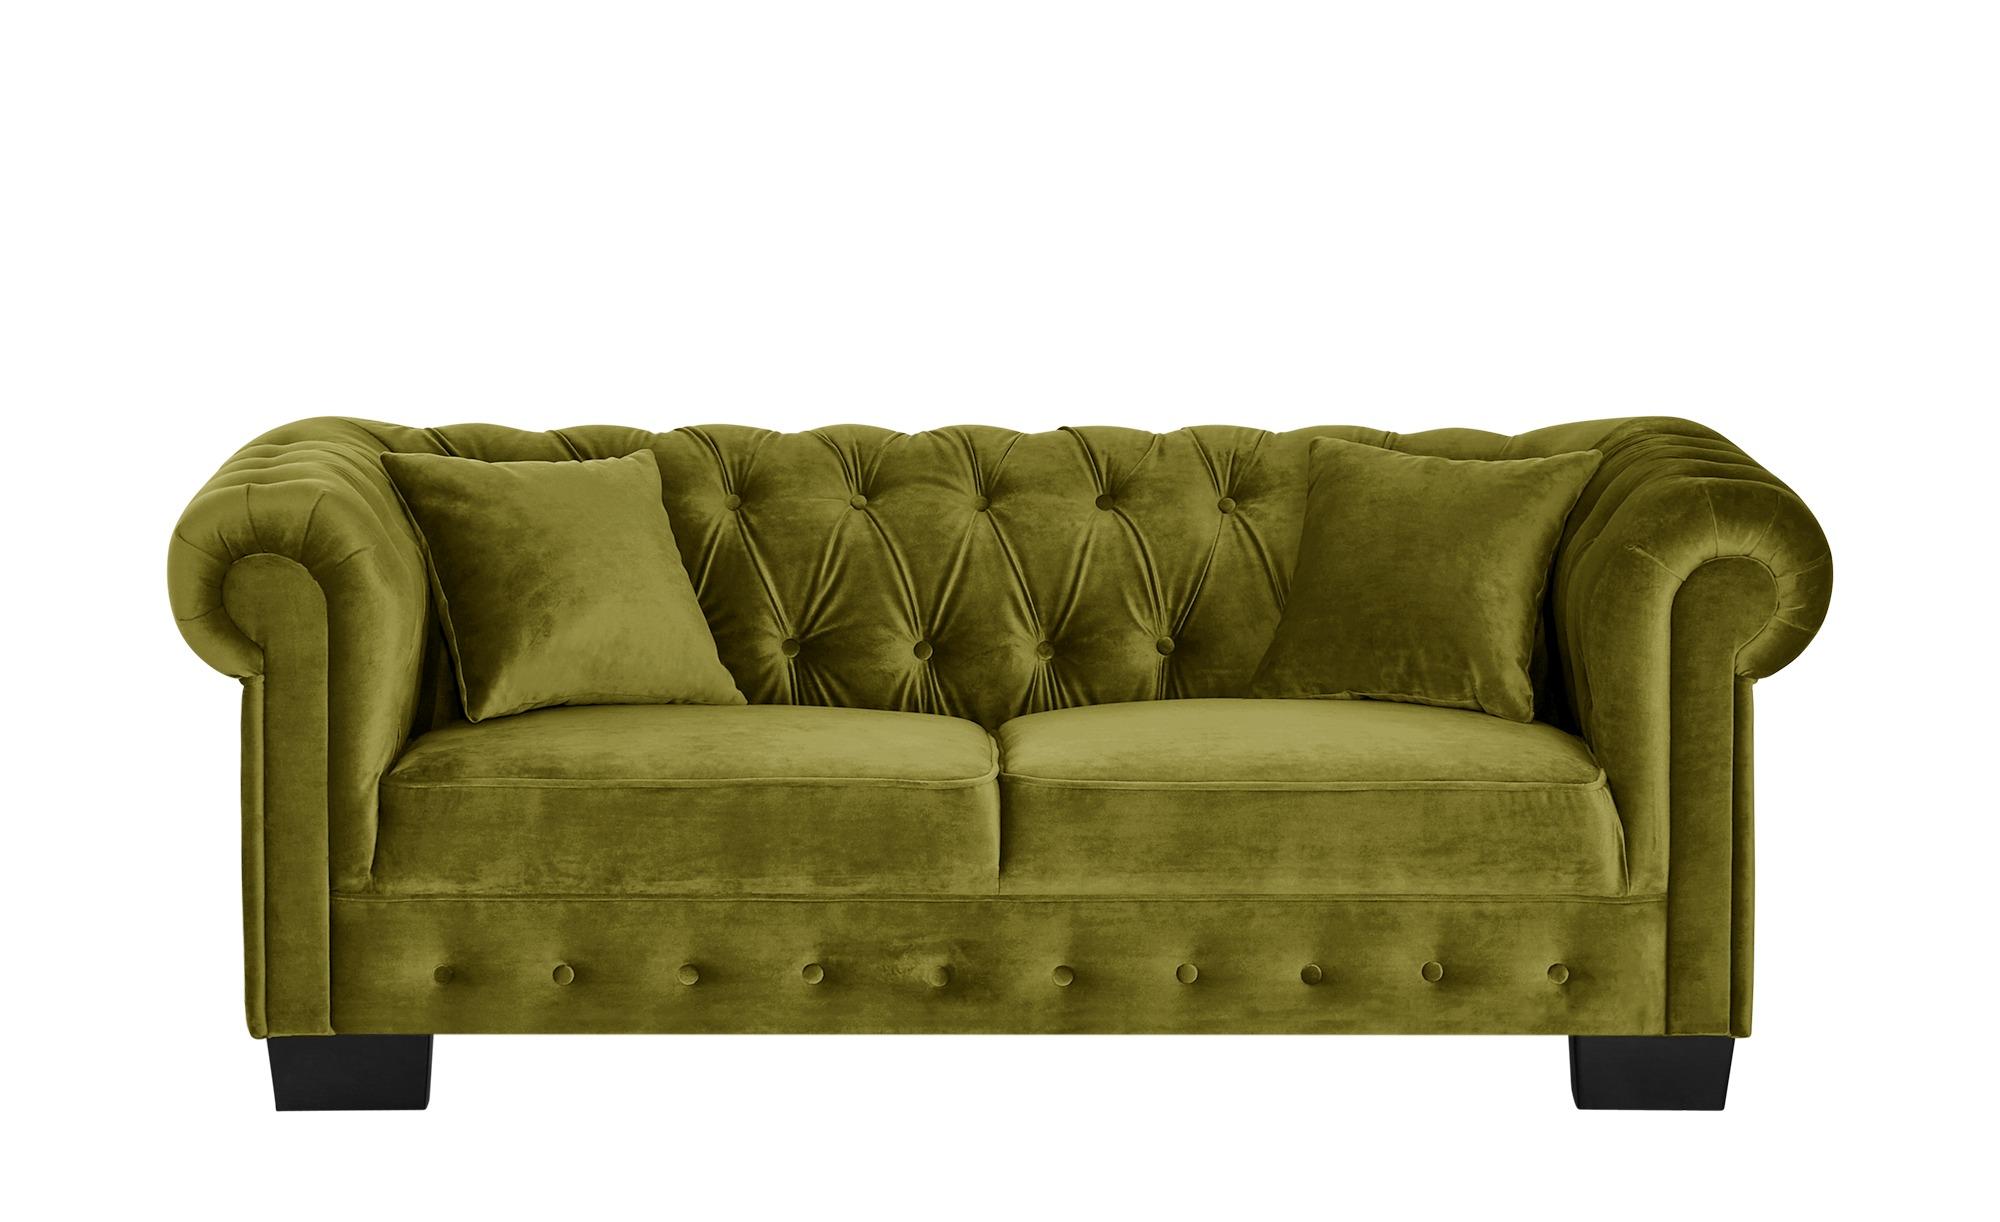 smart 3-Sitzer grün - Velour Chelli ¦ grün ¦ Maße (cm): B: 206 H: 77 T: 96 Polstermöbel > Sofas > 3-Sitzer - Höffner